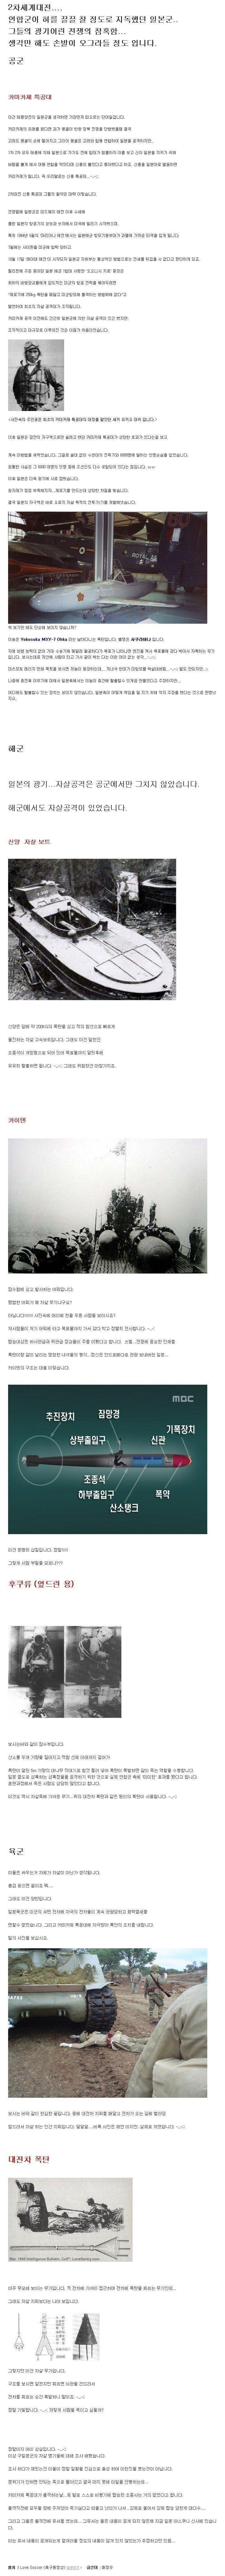 일본군이 내놓은 해괴한 무기들.jpg